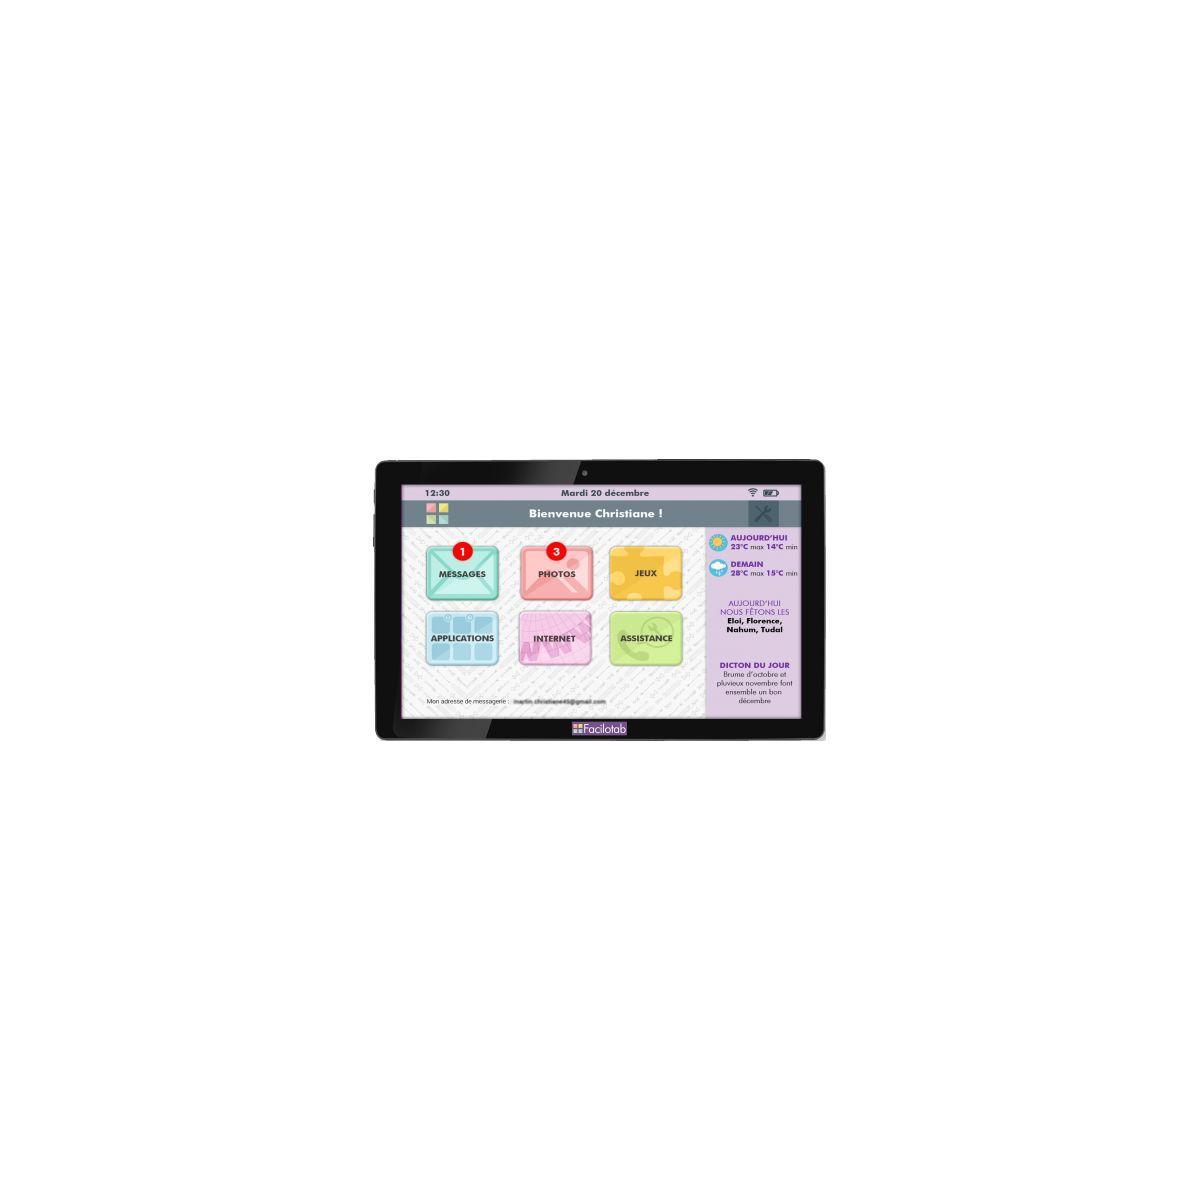 Tablette cdip pack xl facilotab 16go wifi - 10% de remise imm�diate avec le code : fete10